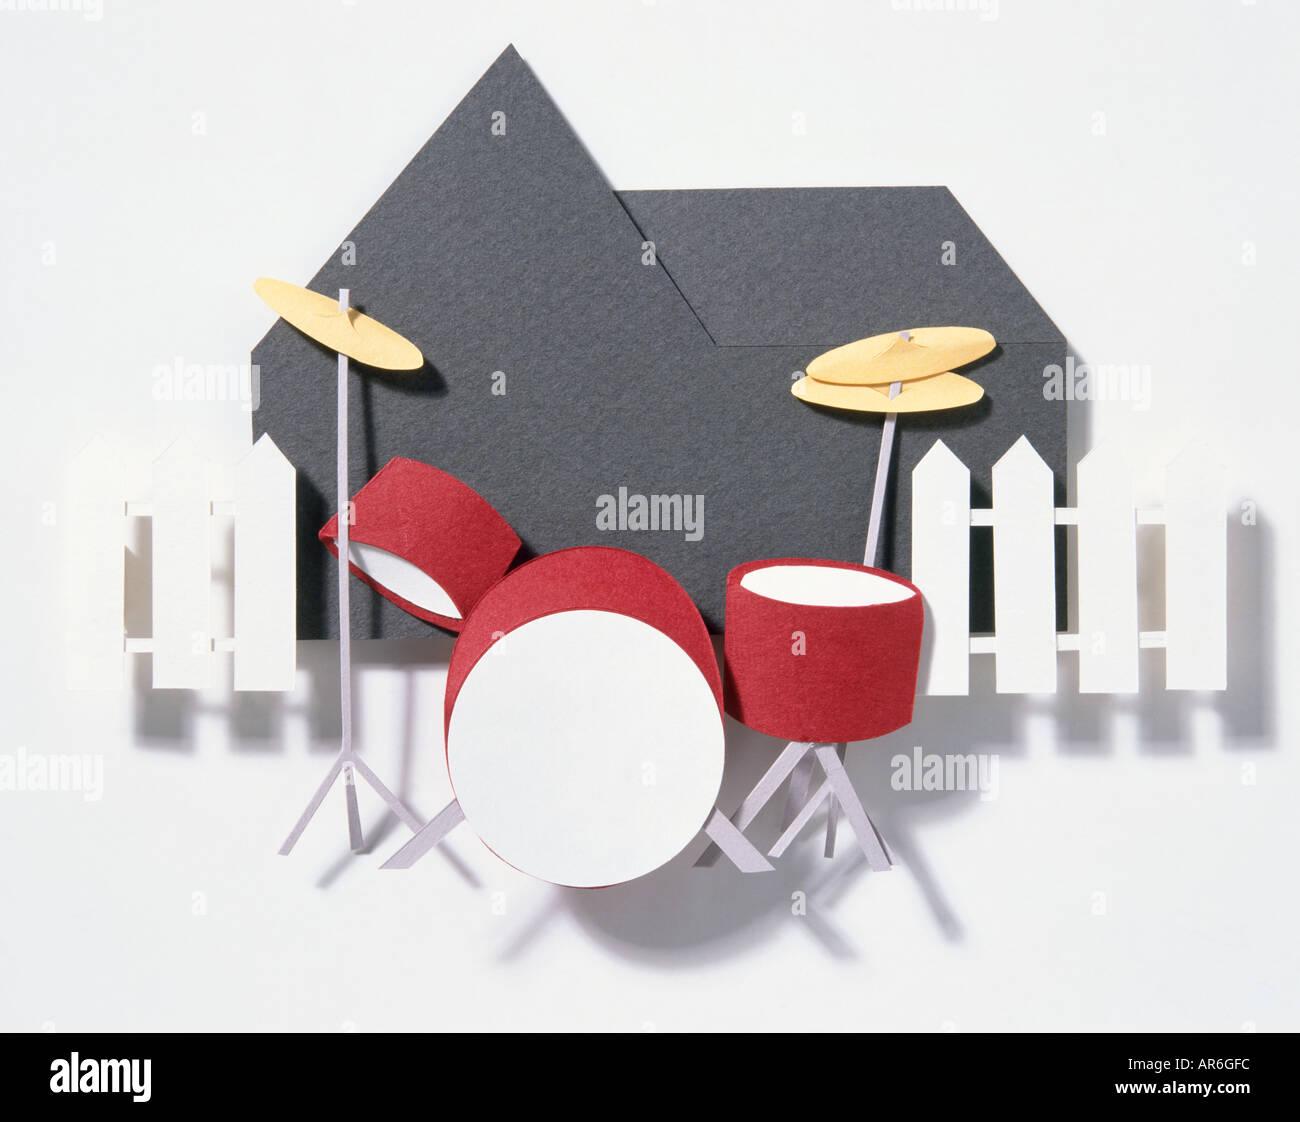 Das Papiermodell eines Drum-Kits, rot-Trommeln mit gold Symbol außerhalb schwarze Silhouette des Hauses und weißen Lattenzaun. Stockbild